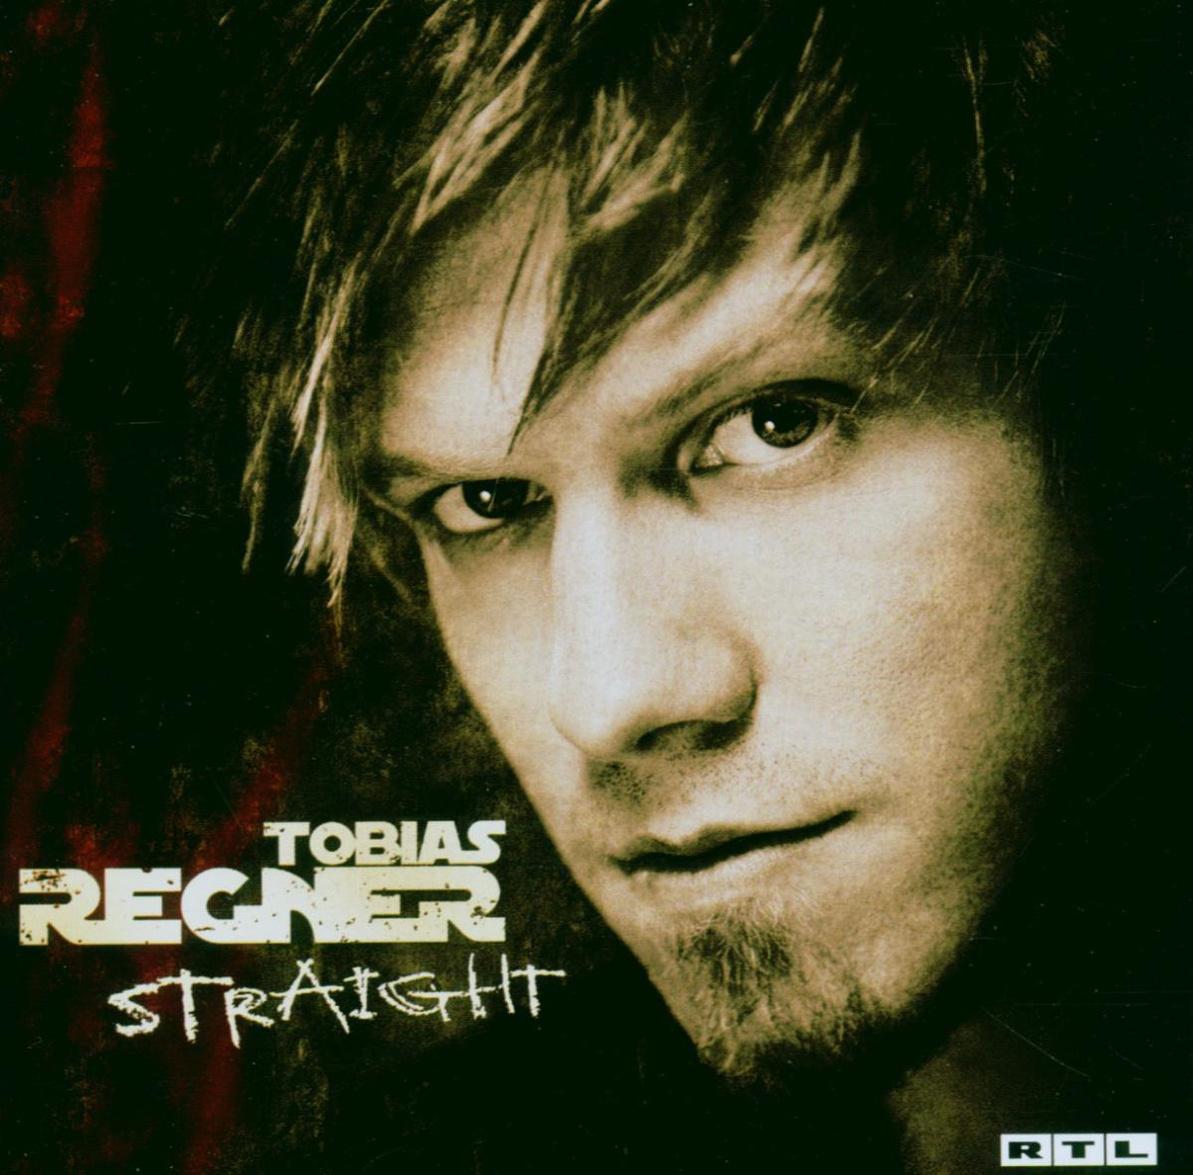 Tobias Regner - Straight (Premium Edition)